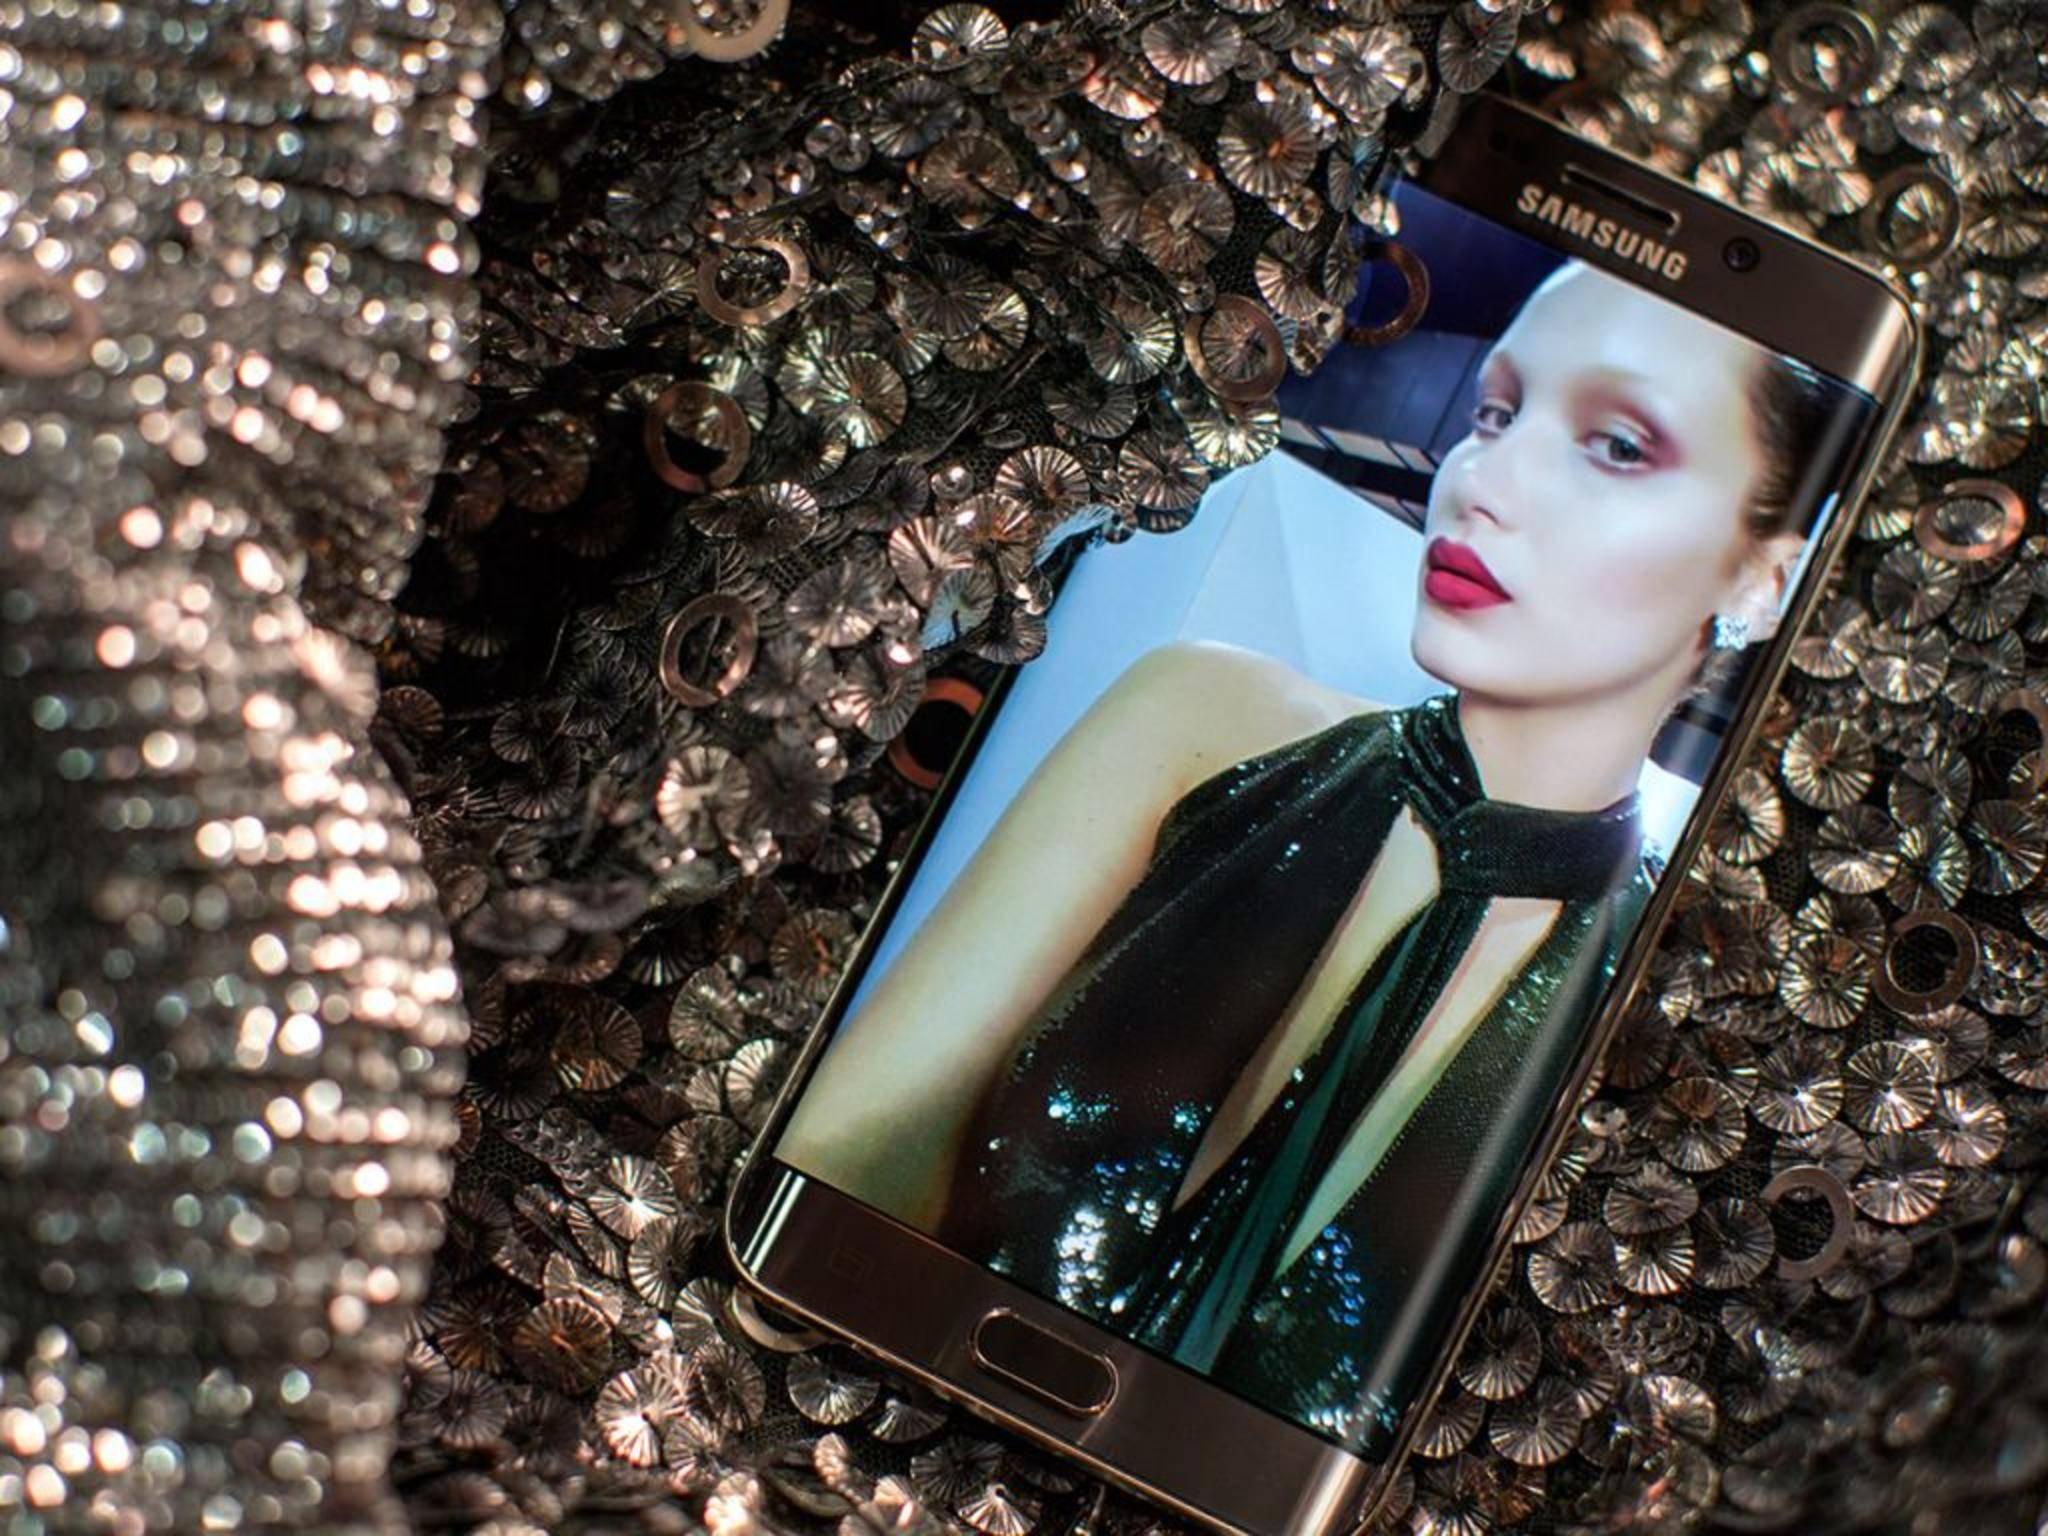 Smartphones: technische Wunderwerke und modische Accessoires?